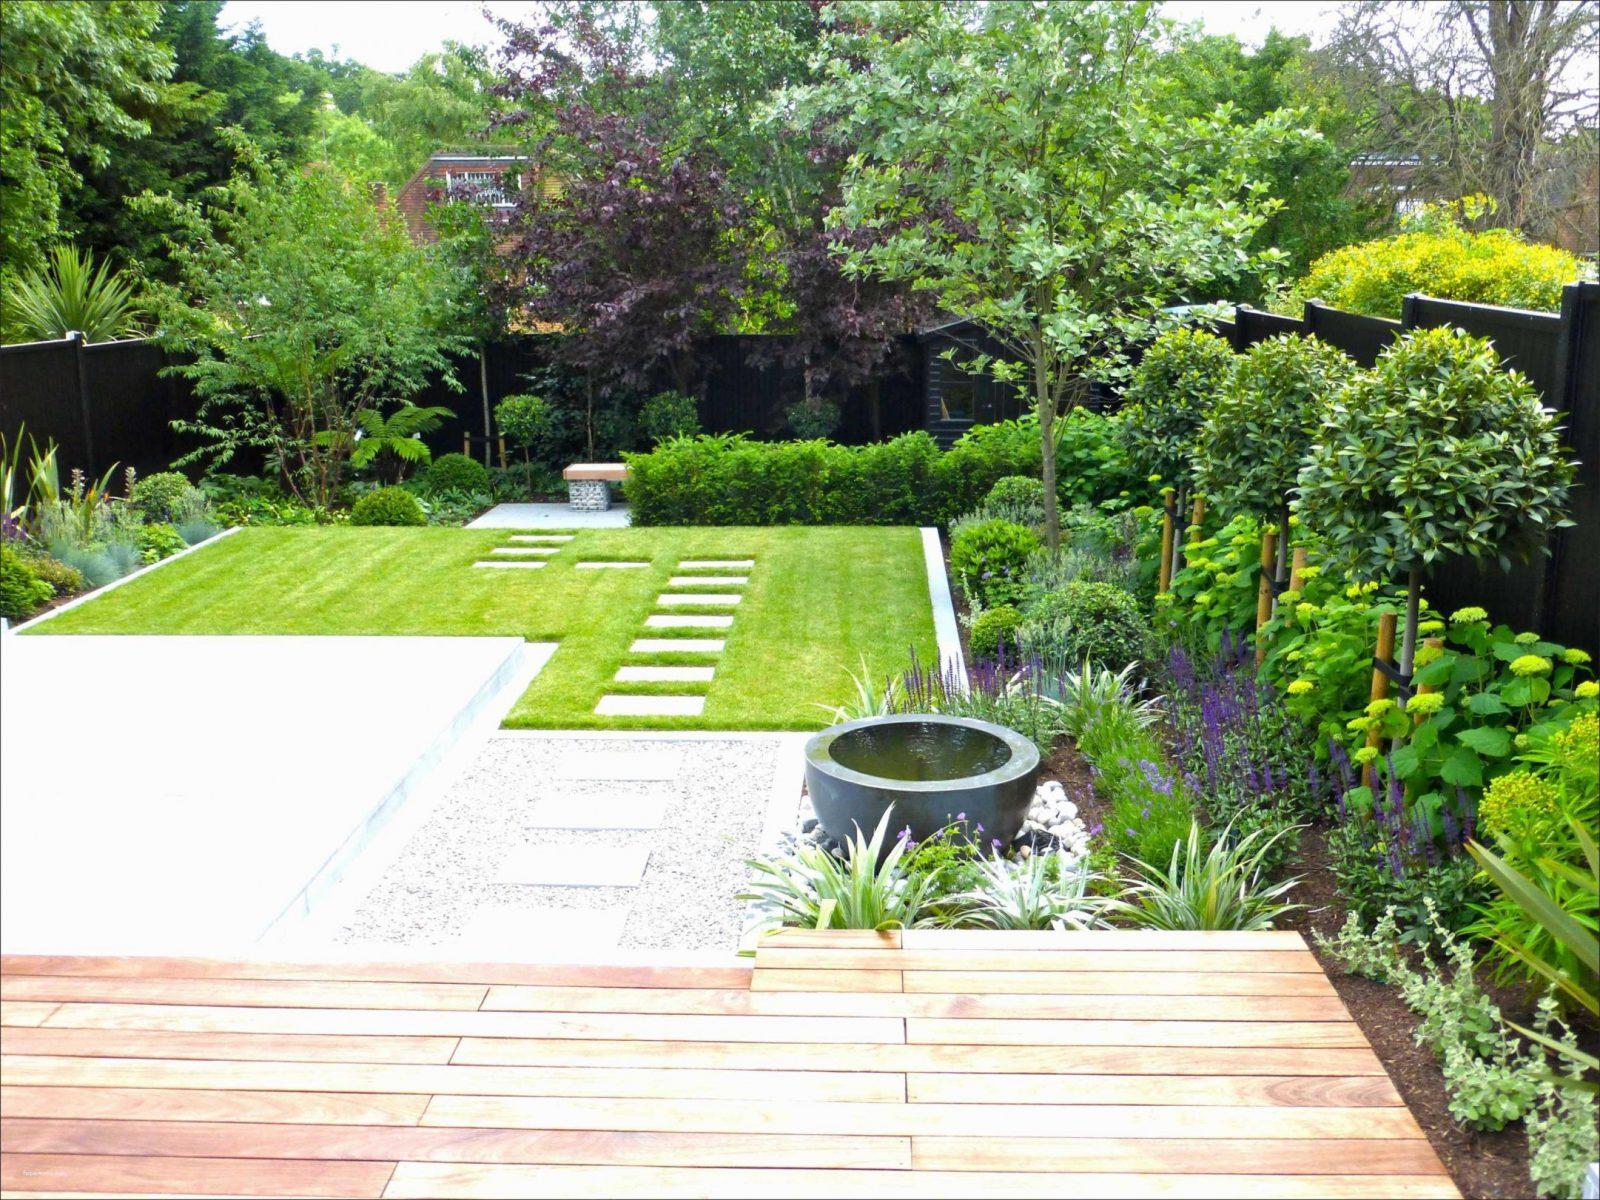 40 Einzigartig Sitzplatz Garten Gestalten  Hope4Mito von Sitzplatz Im Garten Gestalten Bild